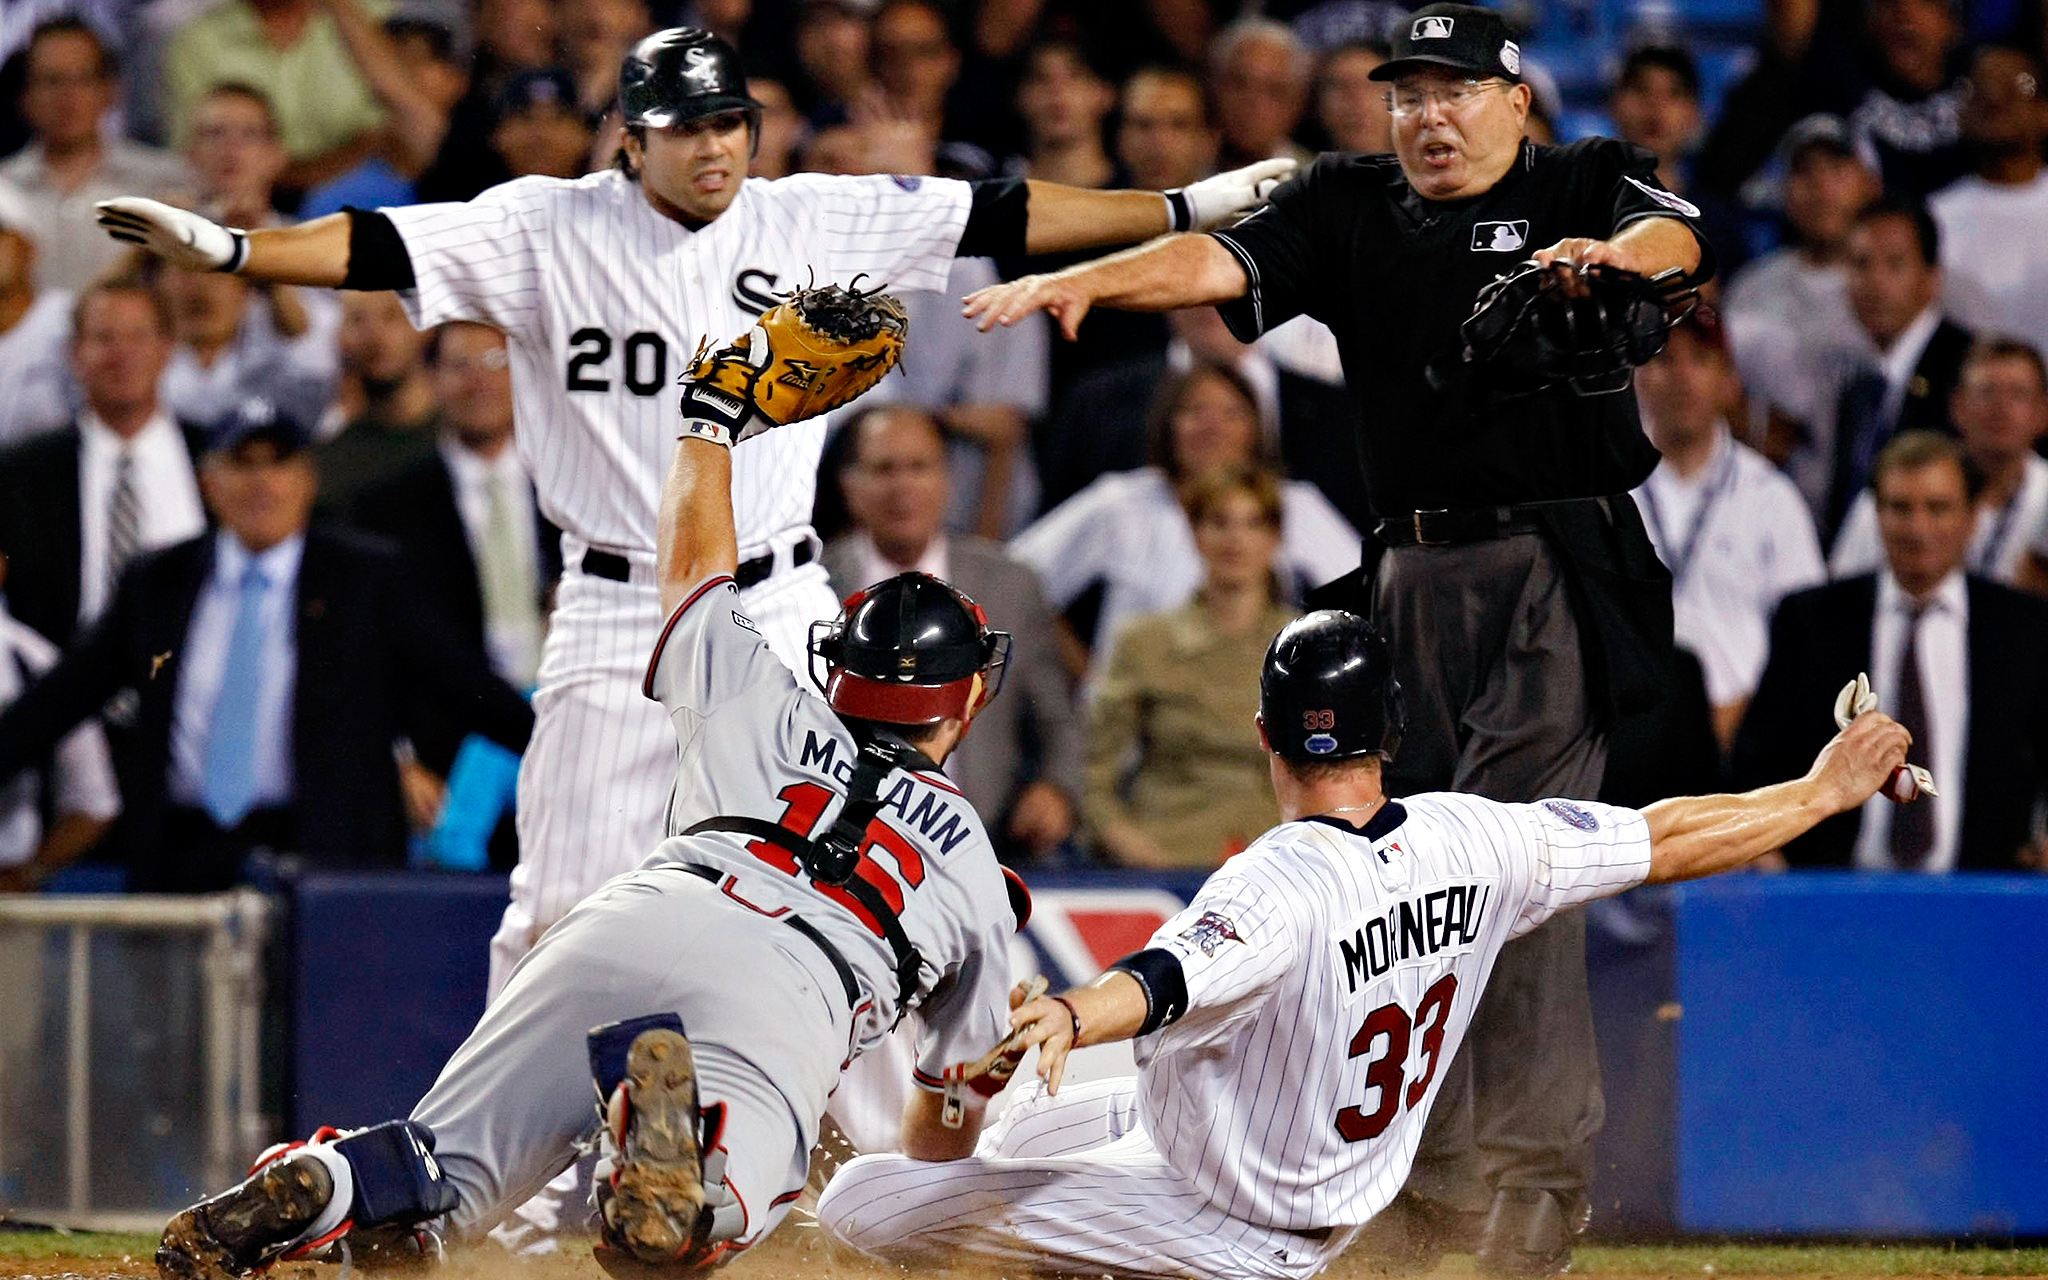 July 15, 2008 -- Yankee Stadium